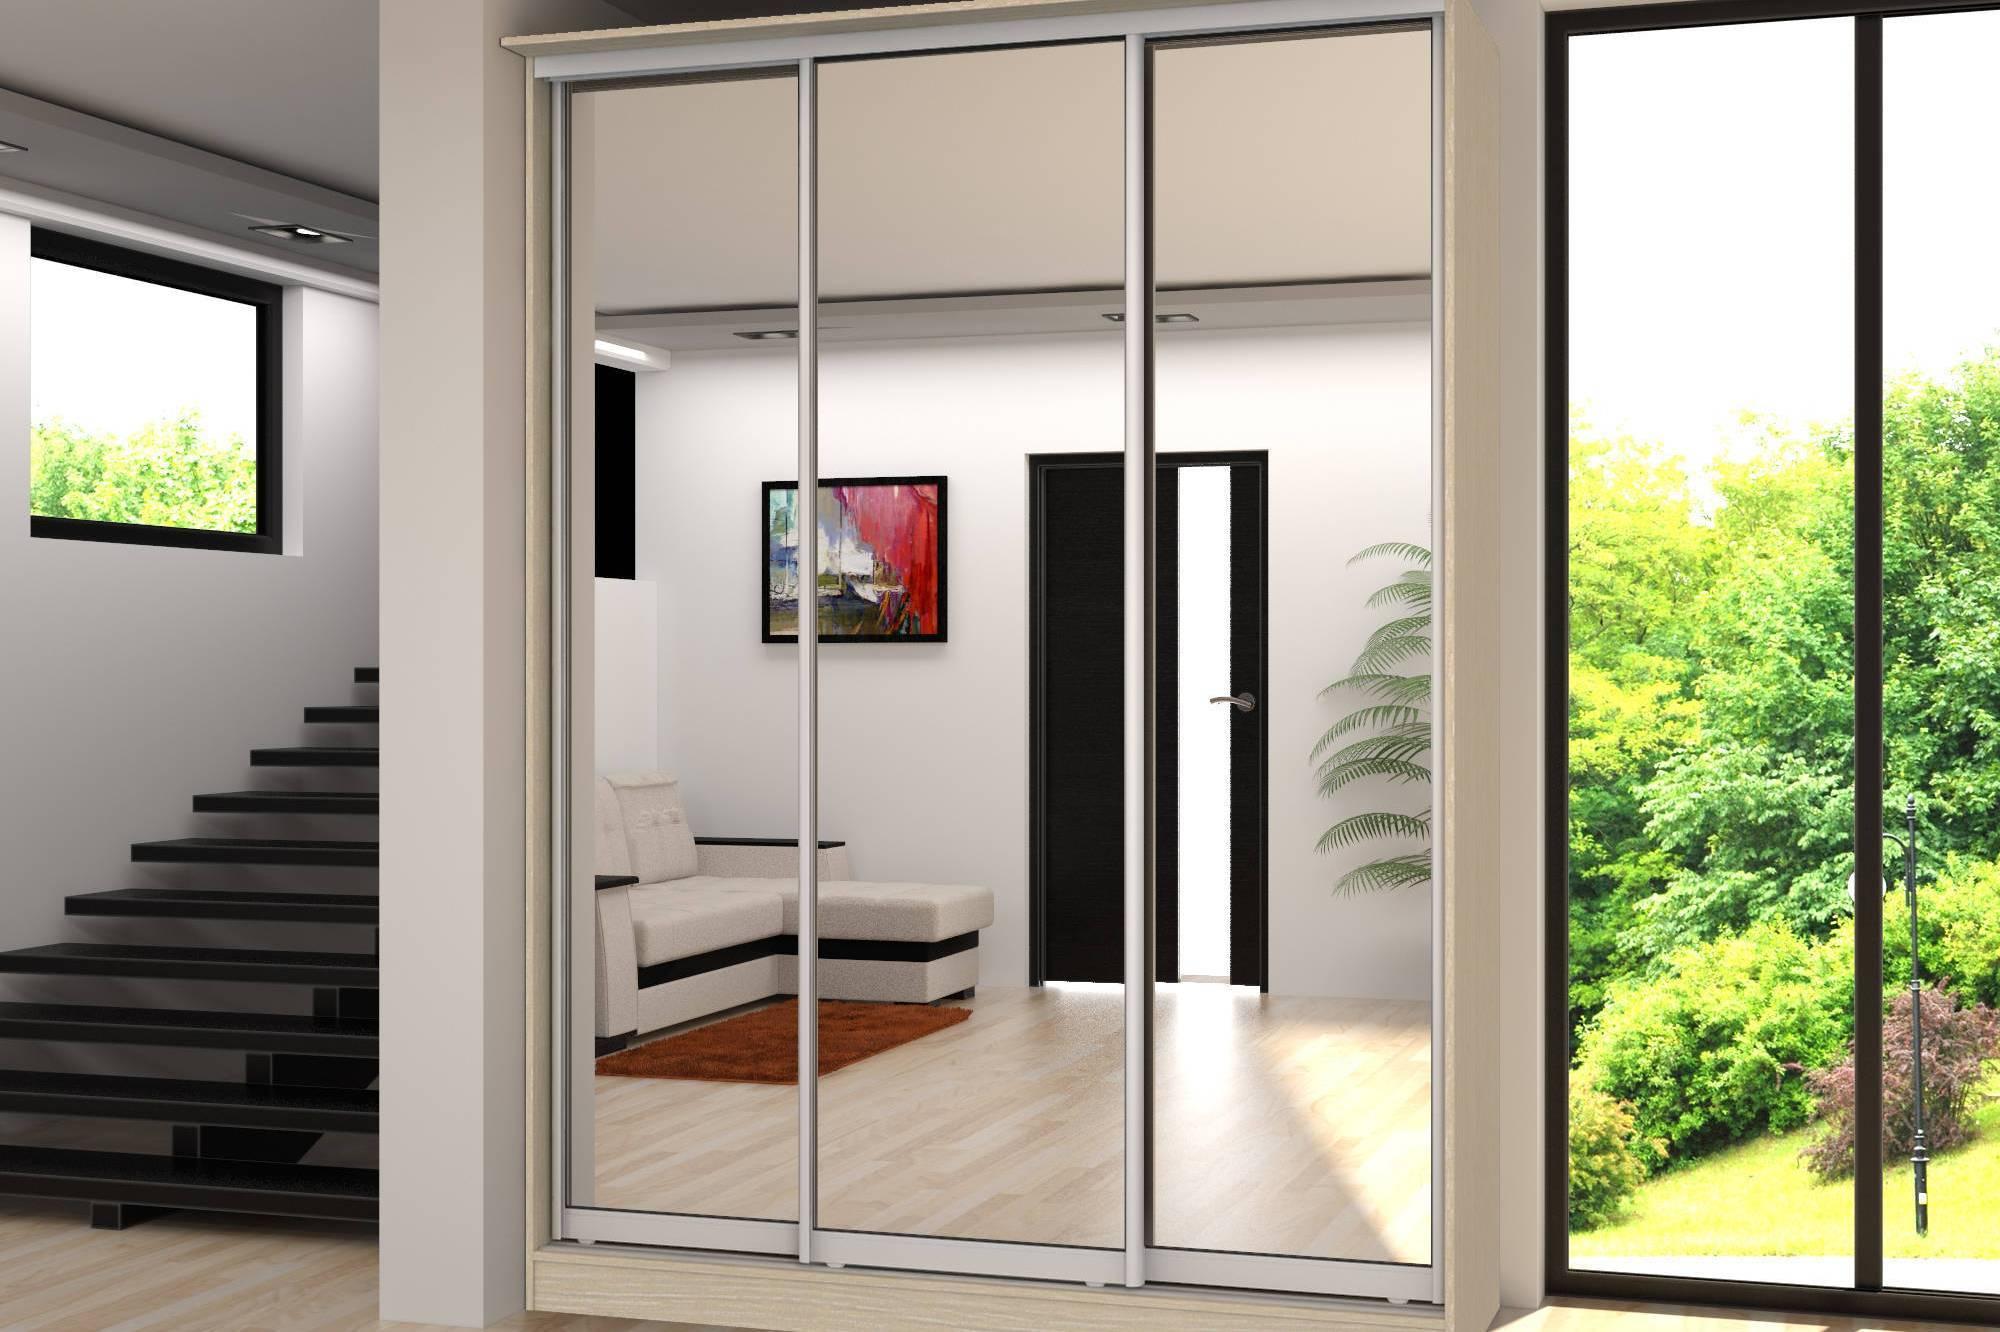 Шкафы-купе с зеркалом в прихожую (58 фото): белые шкафы с зеркальными дверями, варианты дизайна мебели, светлый трехдверный шкаф-купе